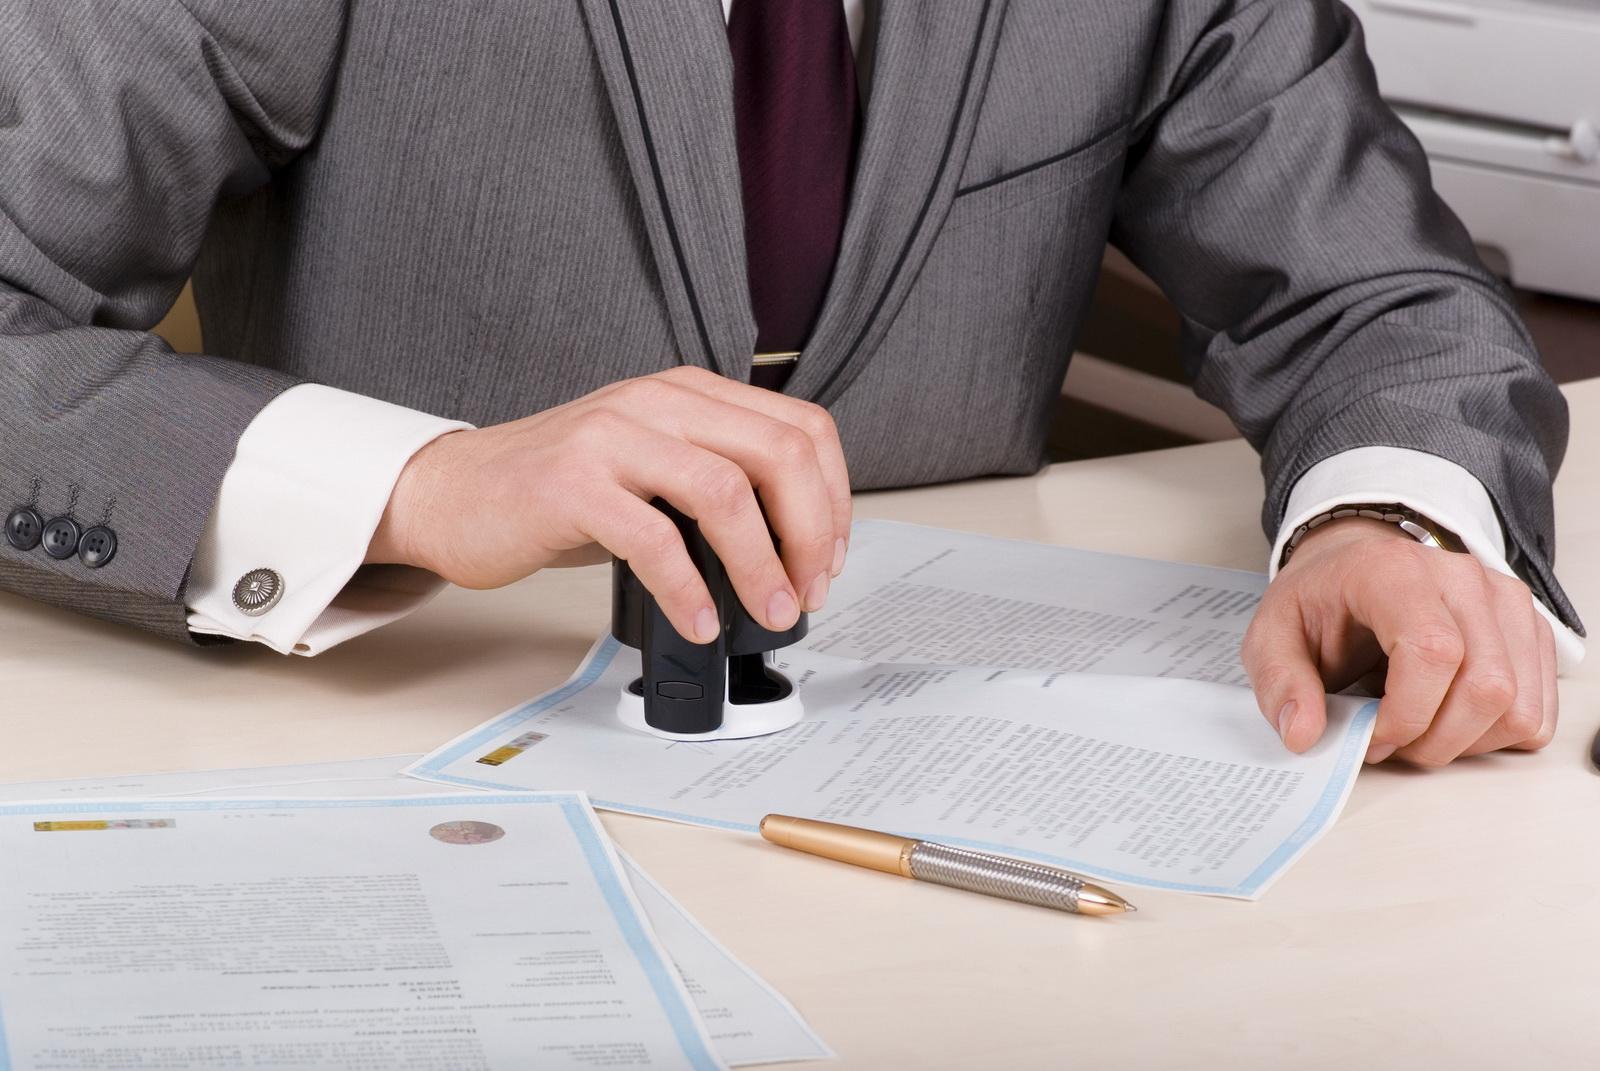 Регистрация ИП: этапы, документы, особенности